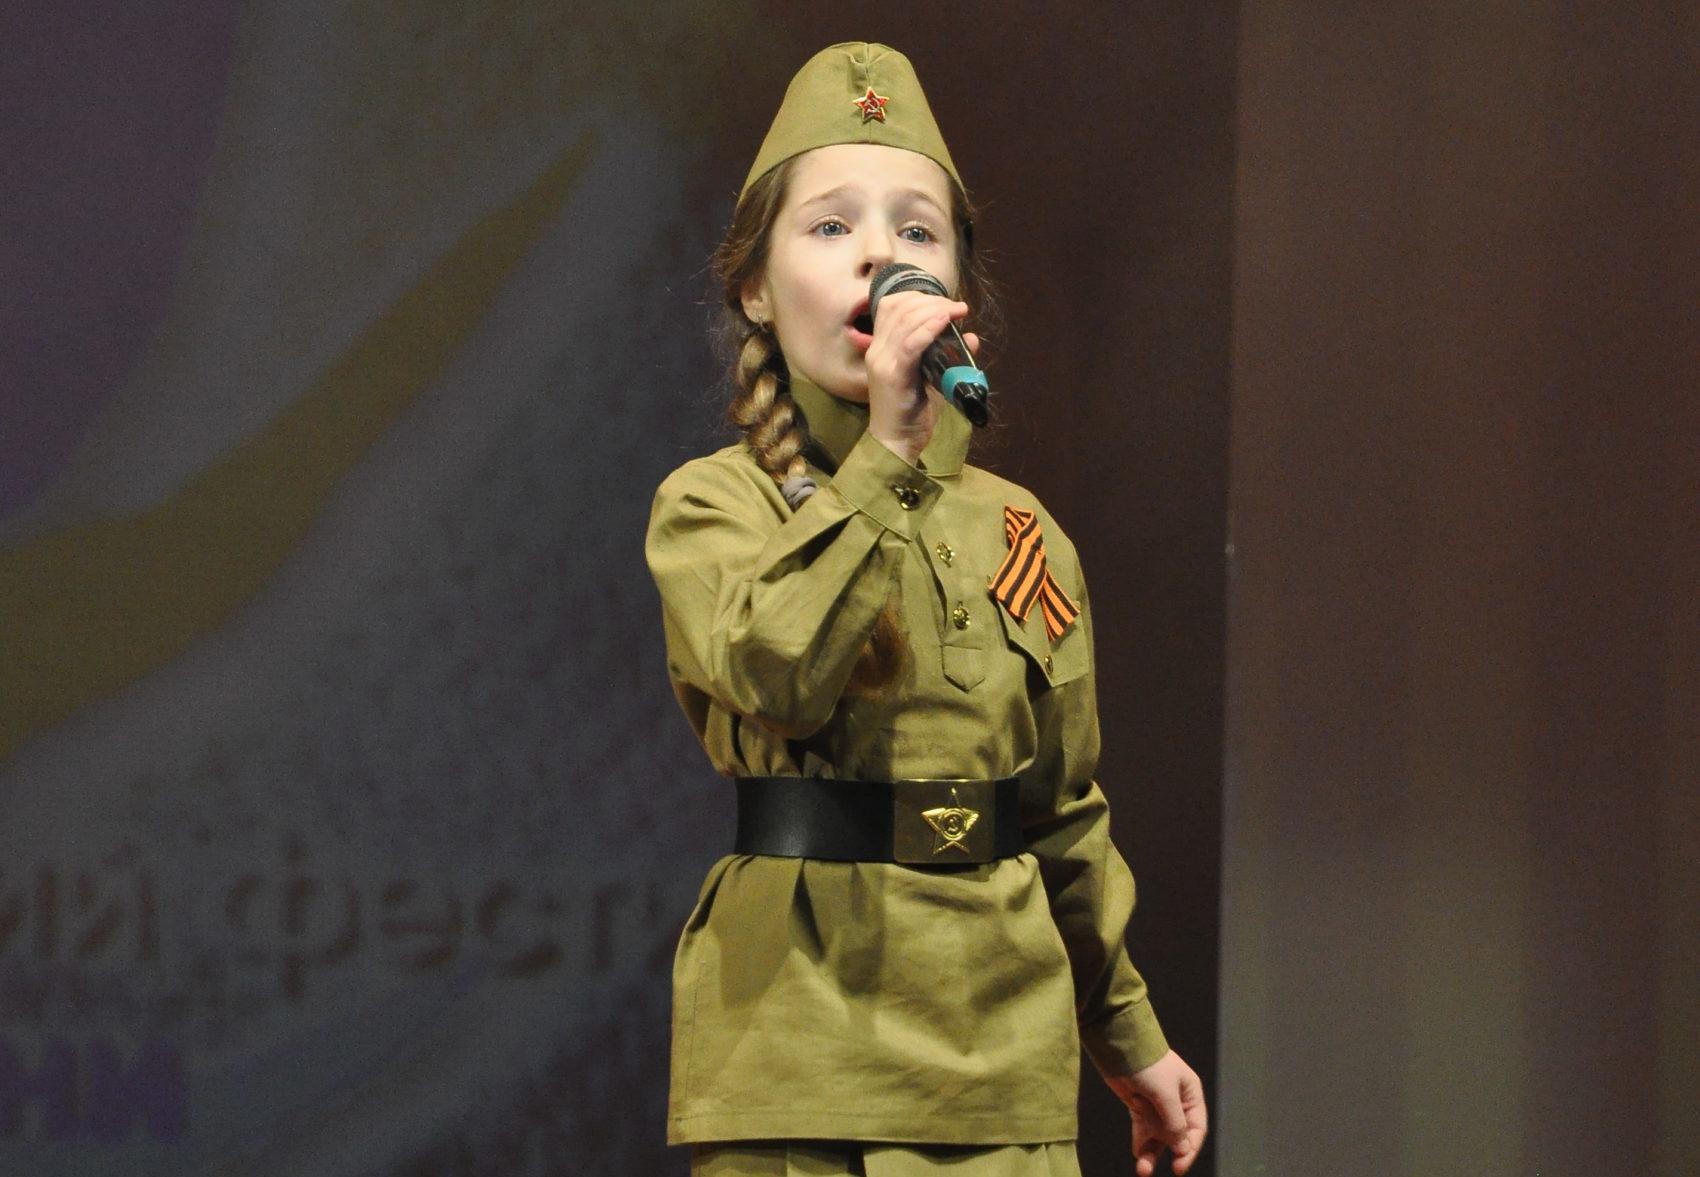 """ДК """"Пролетарка"""" приглашает посмотреть записи гала-концертов"""